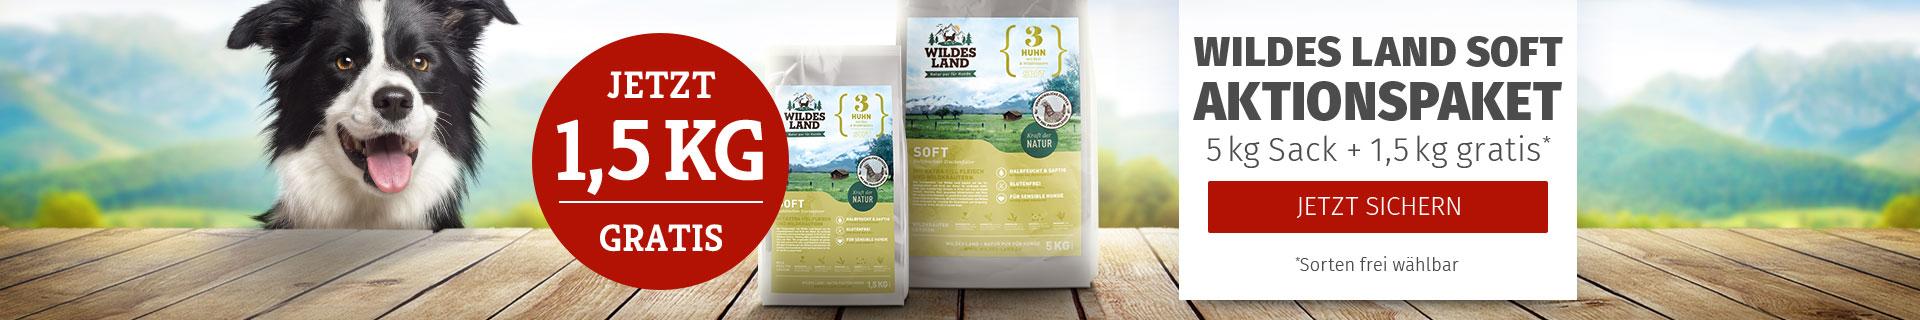 Wildes Land Hund - Softfutter Aktionspaket: 5kg Sack + 1,5kg gratis